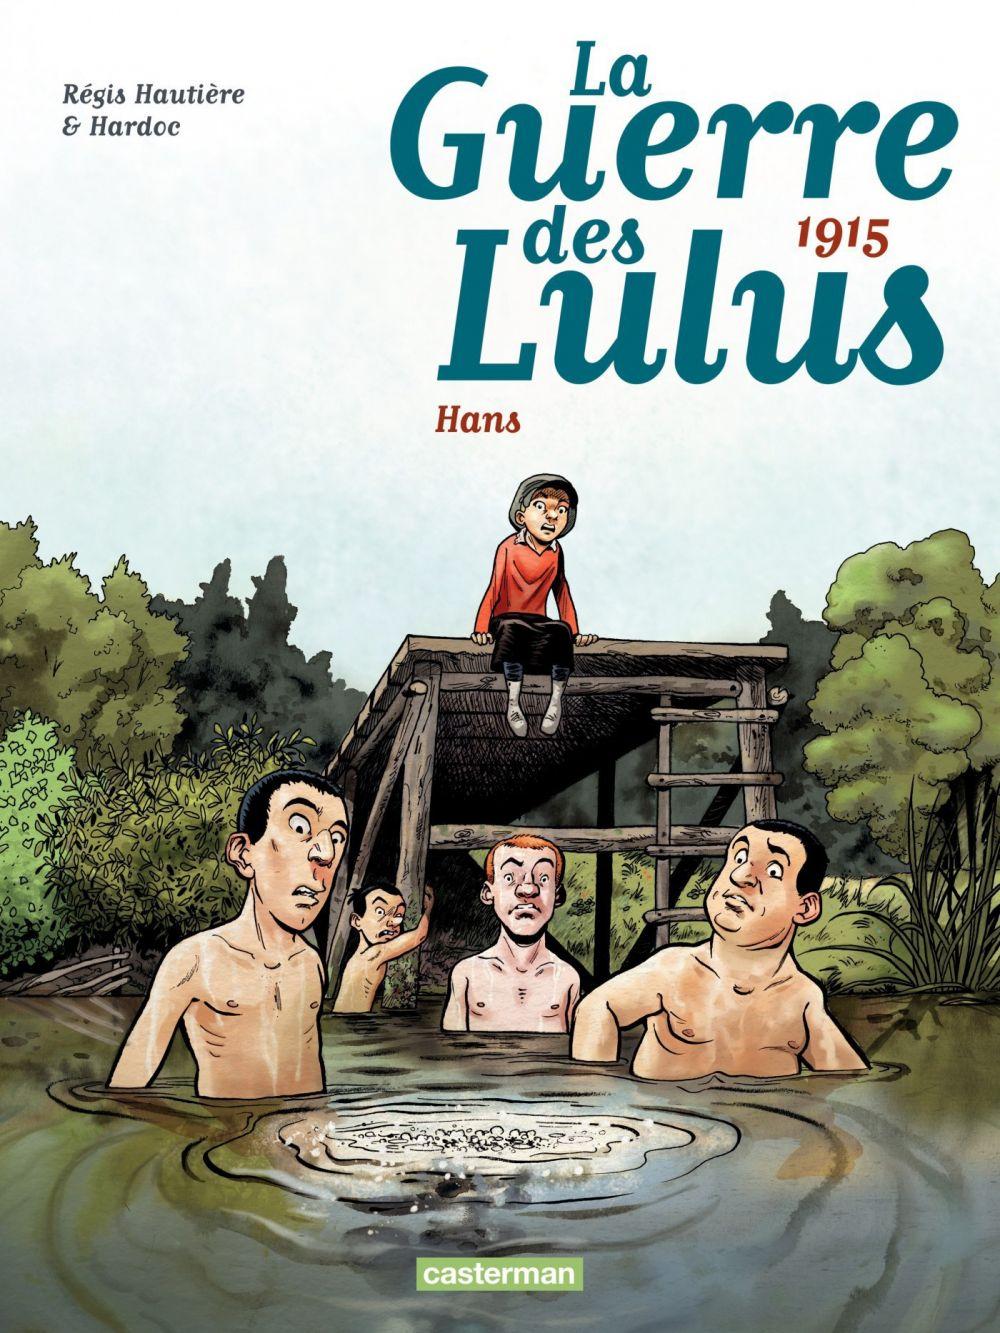 La Guerre des Lulus (Tome 2) - 1915, Hans | Hautière, Régis. Auteur